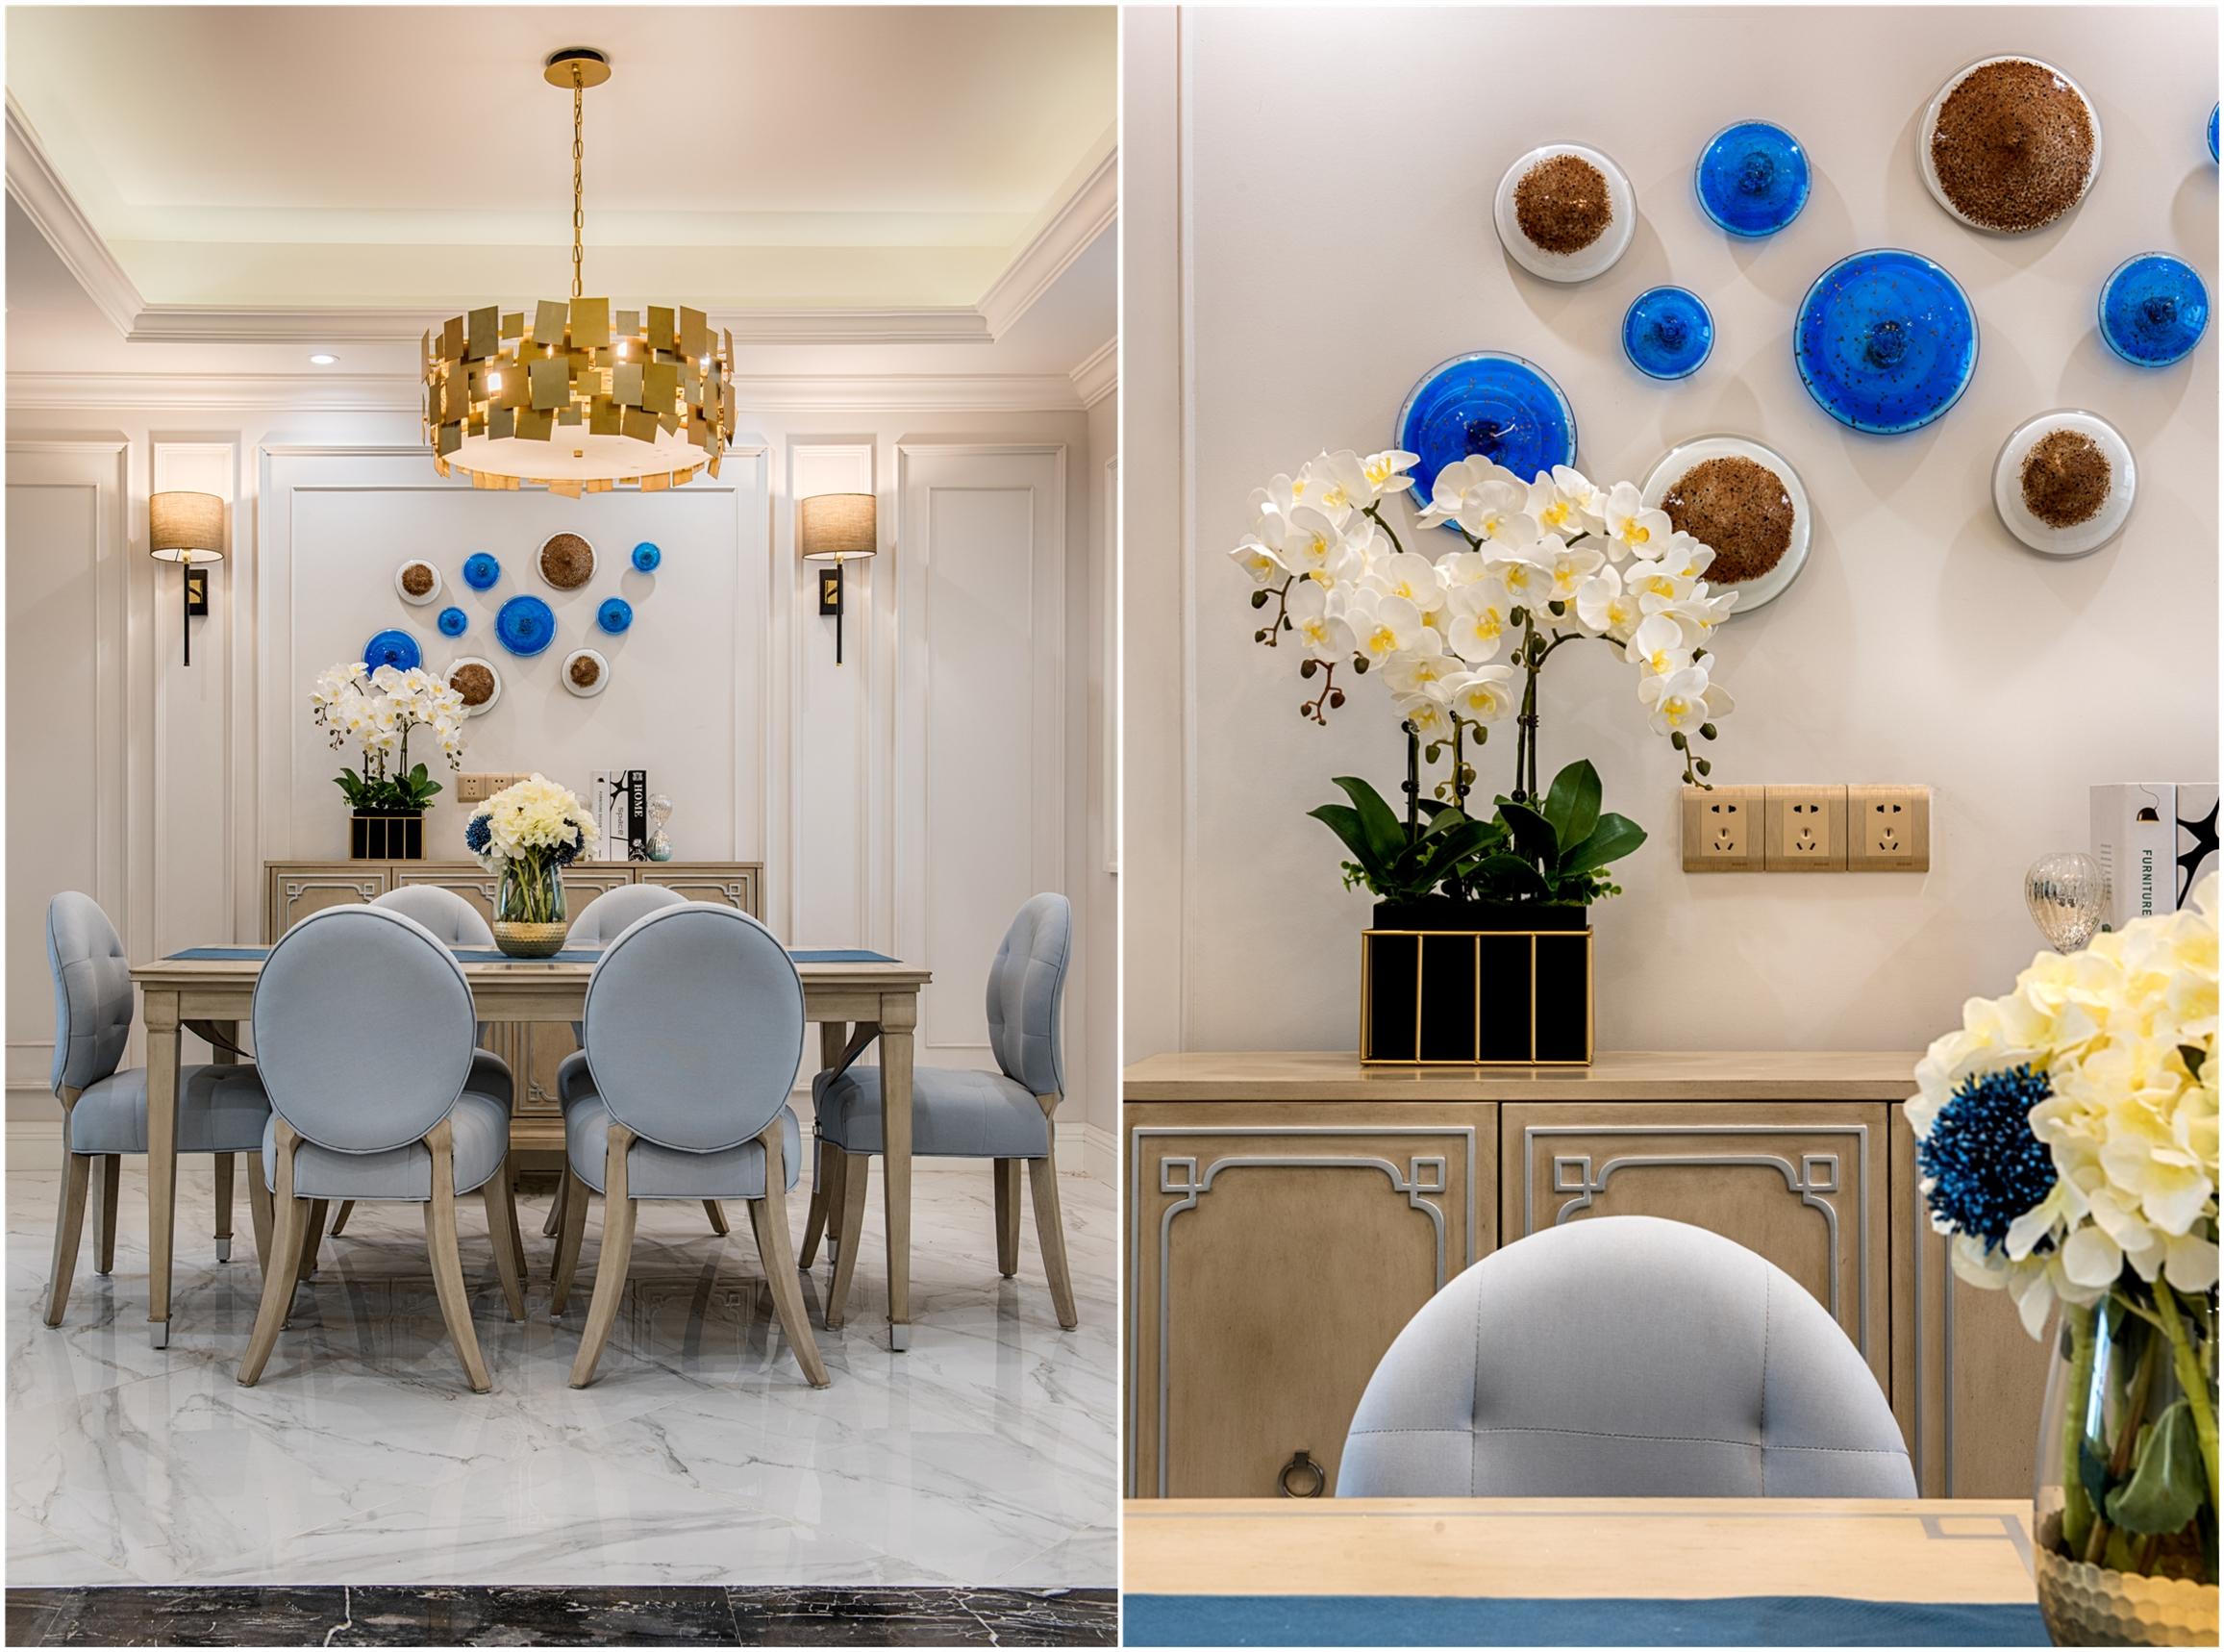 130㎡美式装修餐厅背景墙图片